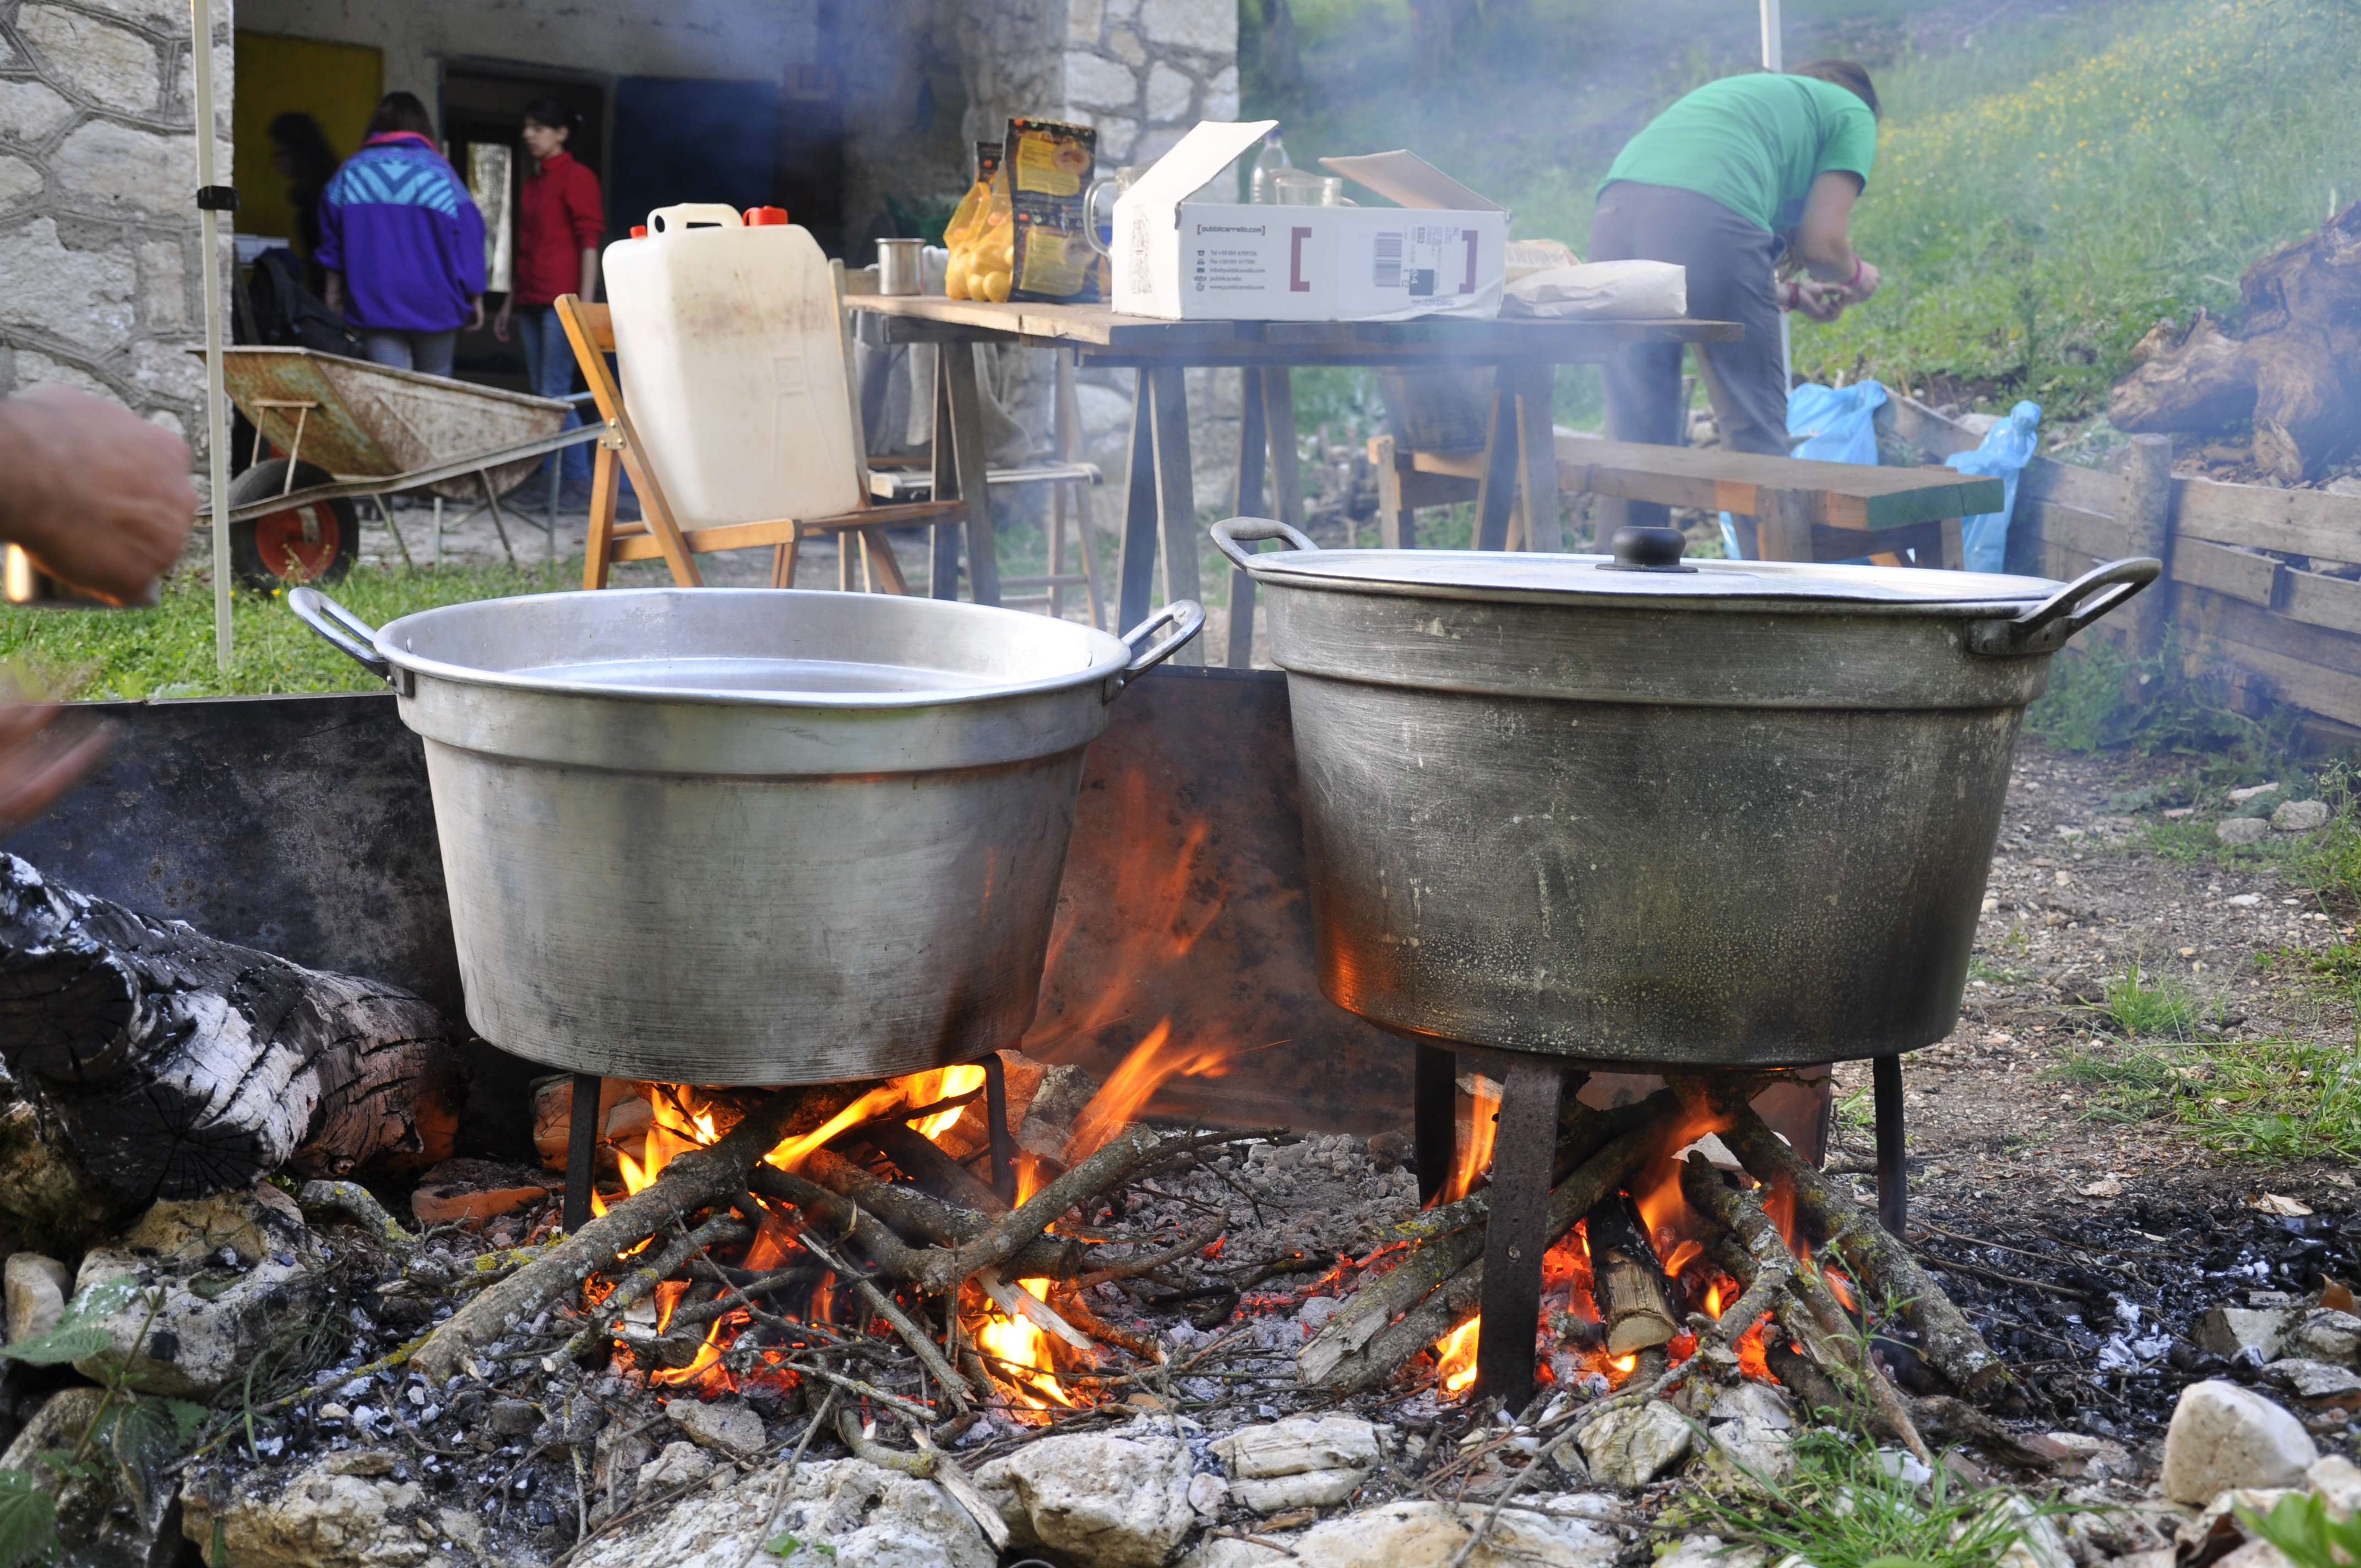 cucina-da-campo | mountainblogmountainblog | the outdoor lifestyle